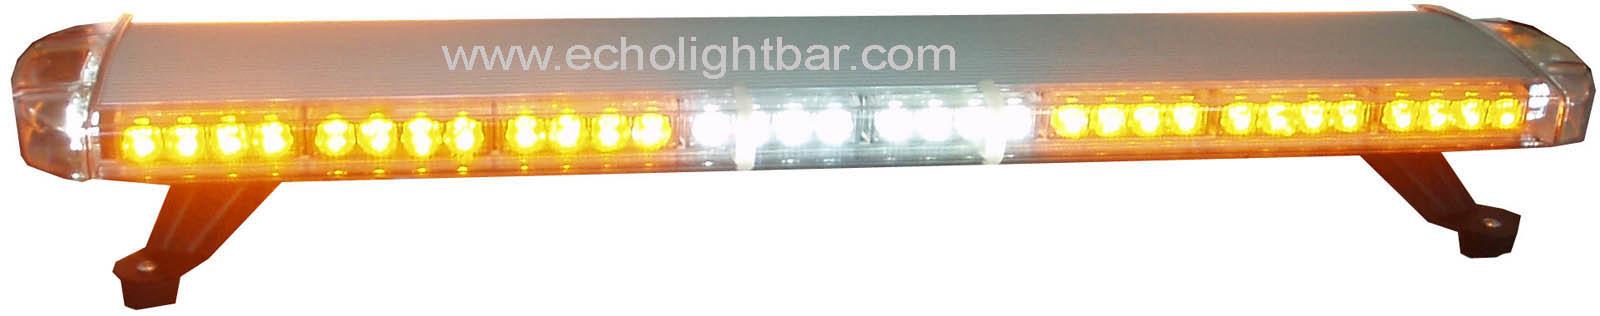 New-Streamlined-Ultra-LED-Lightbar-TBD-8C950-.jpg